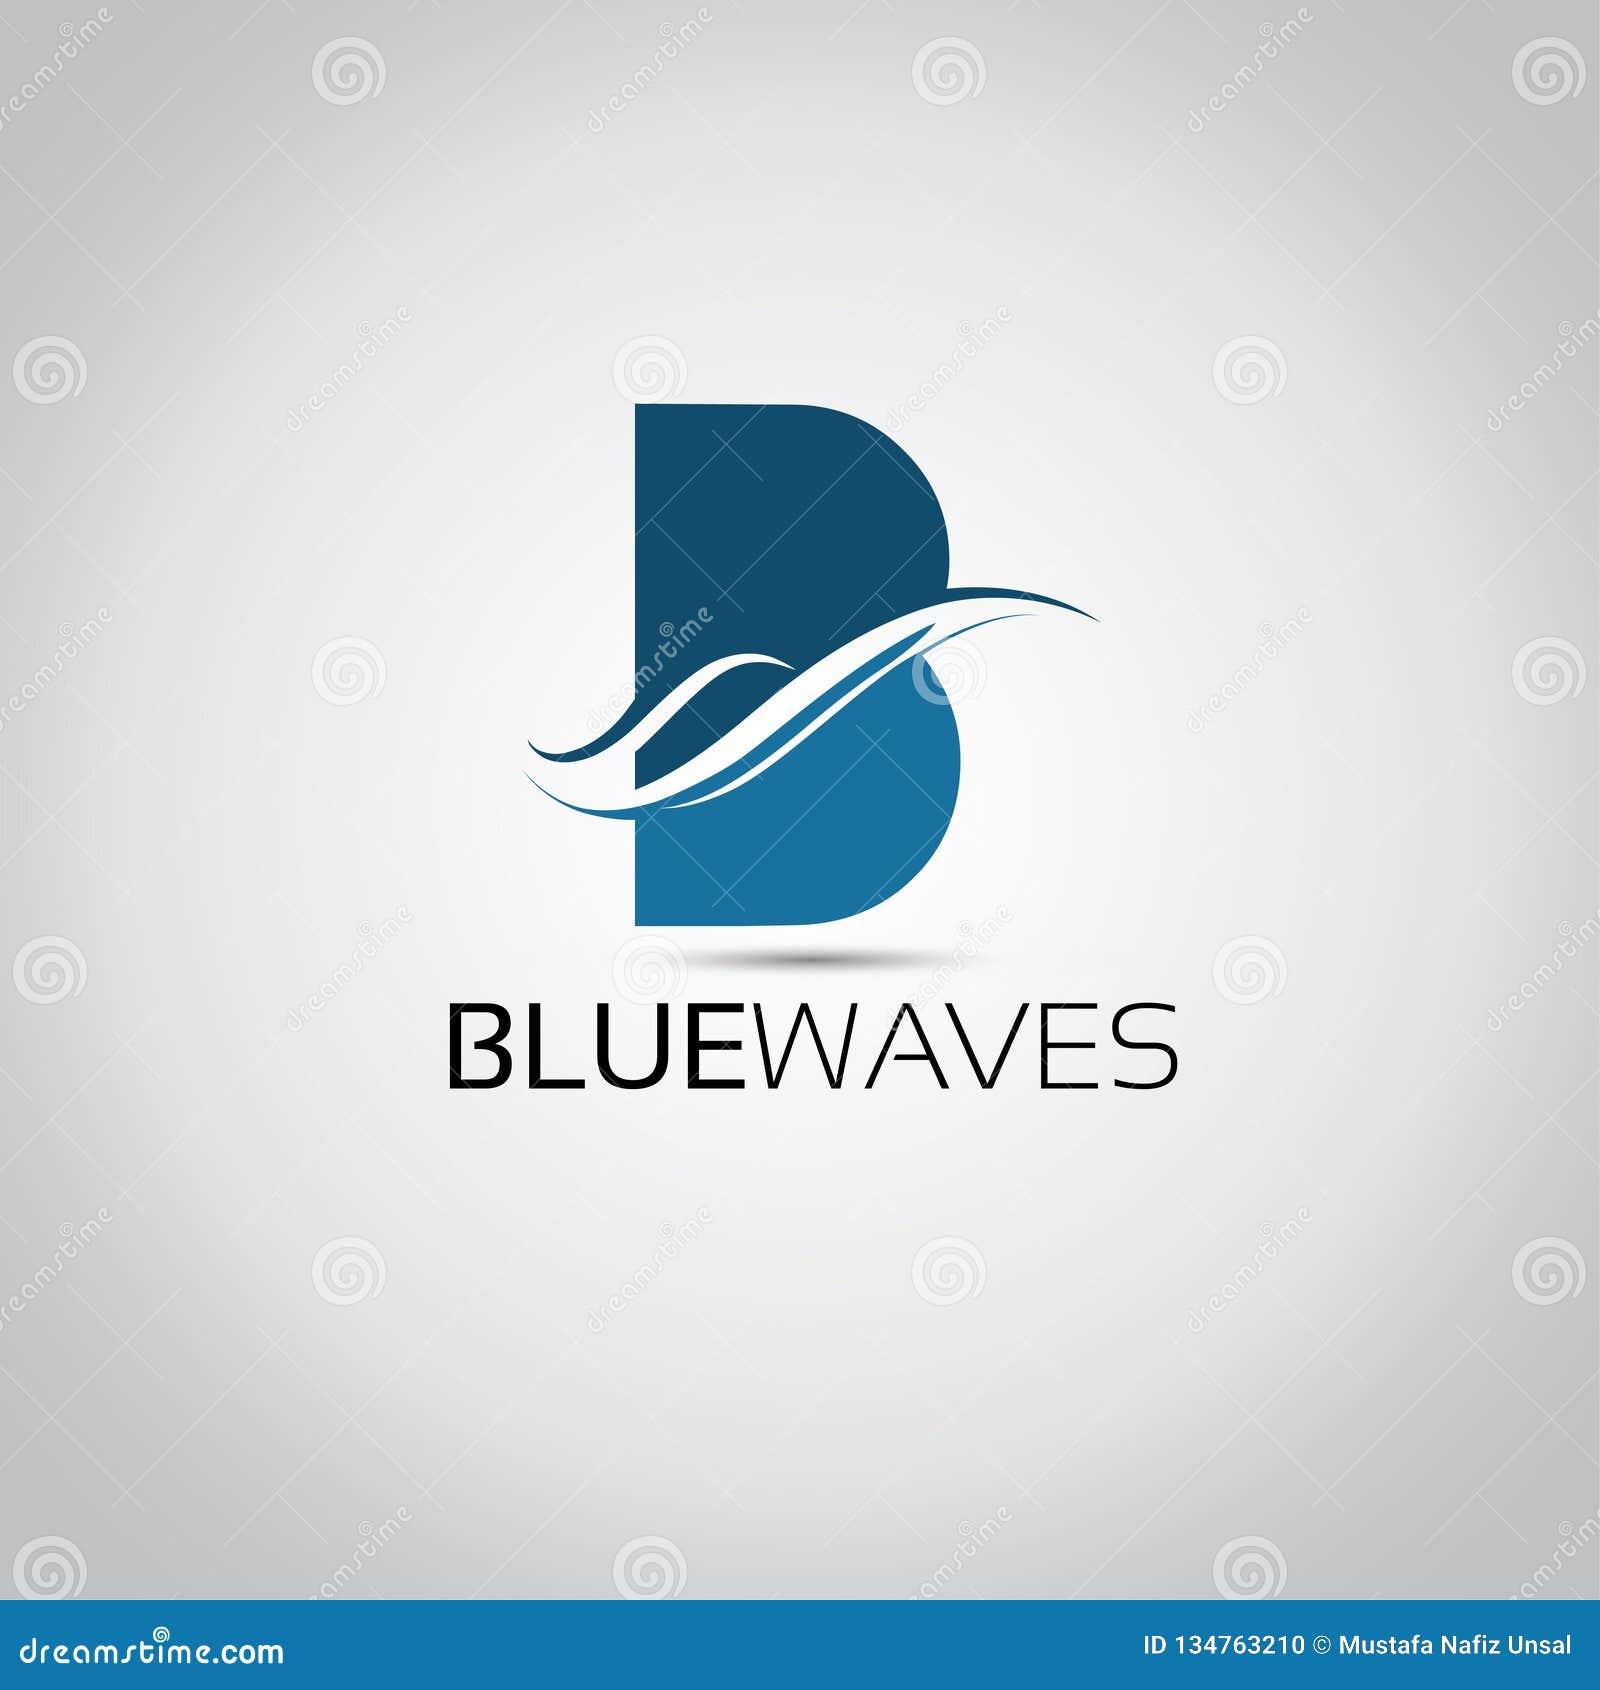 B Lettter Waves Logo